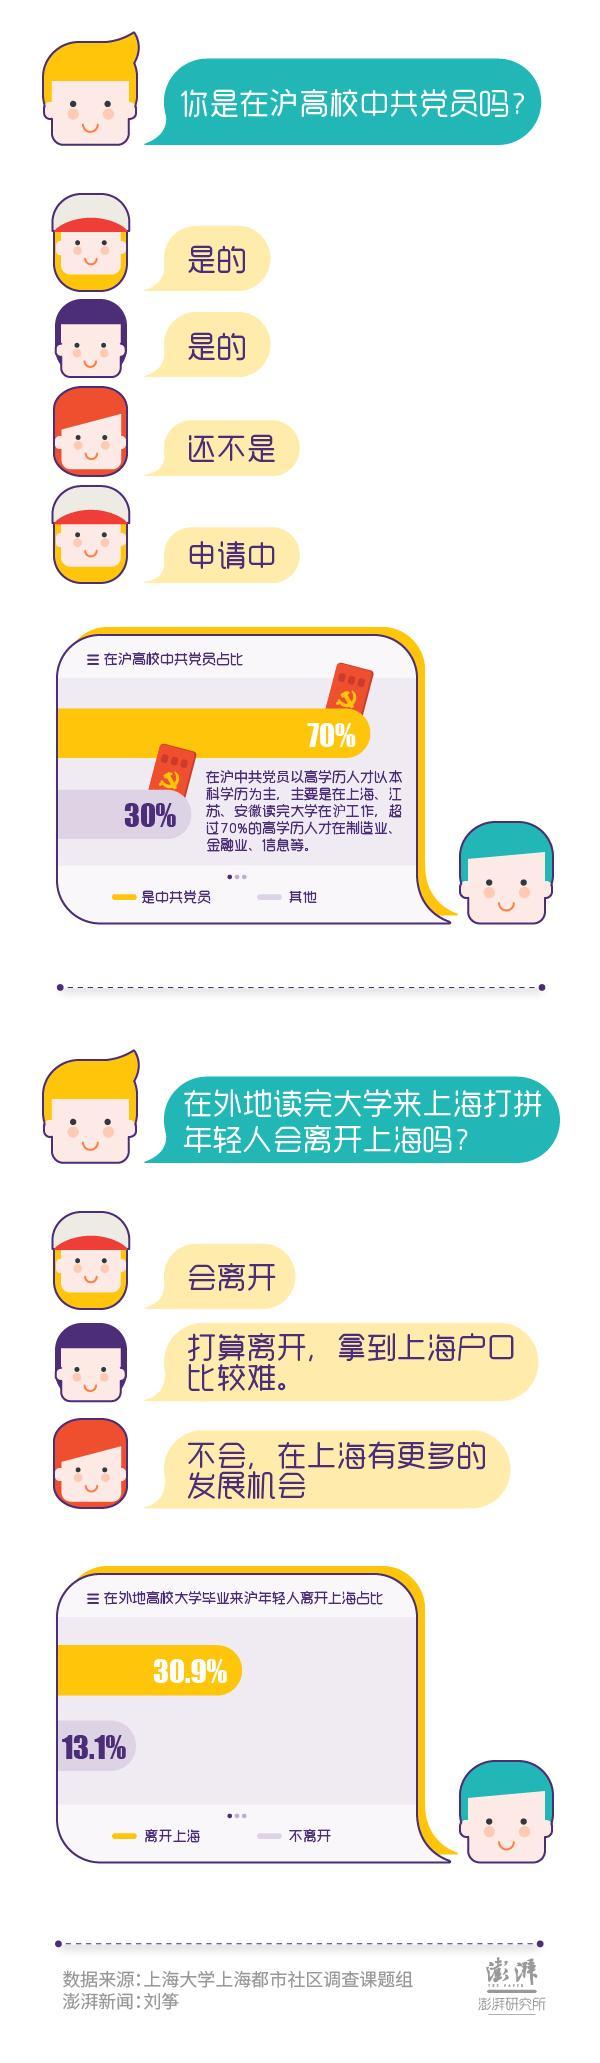 60期香港正版官网上海市民调查⑥被访高学历人才中,硕博学历占比不高